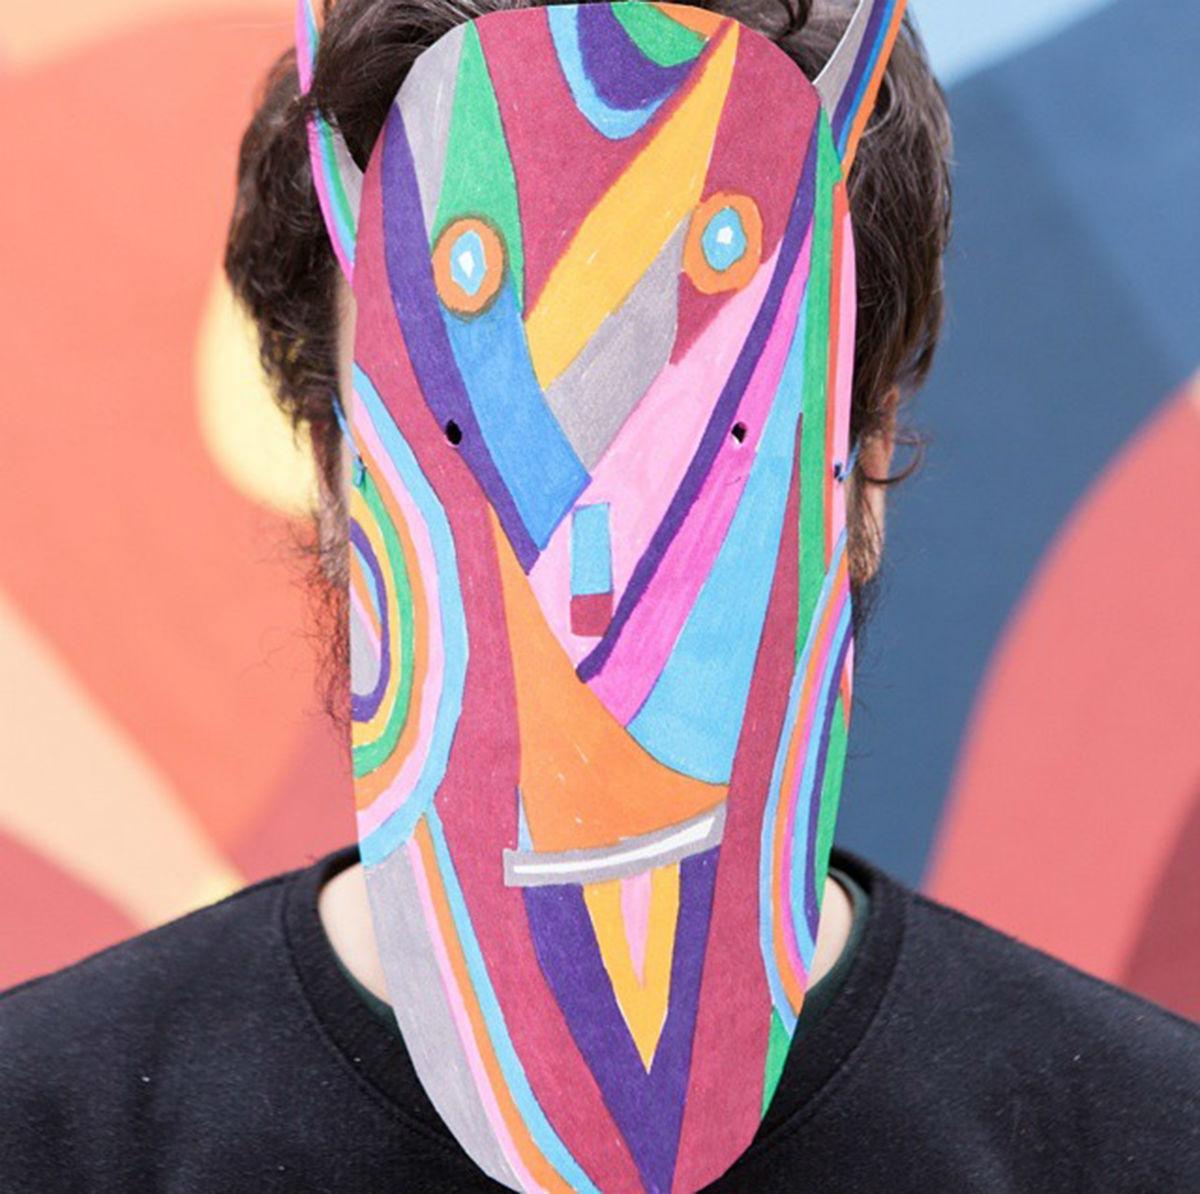 Geometric Bang è uno dei 6 artisti conivolti da Just Cavalli per reinterpretare il logo del brand in chiave street art